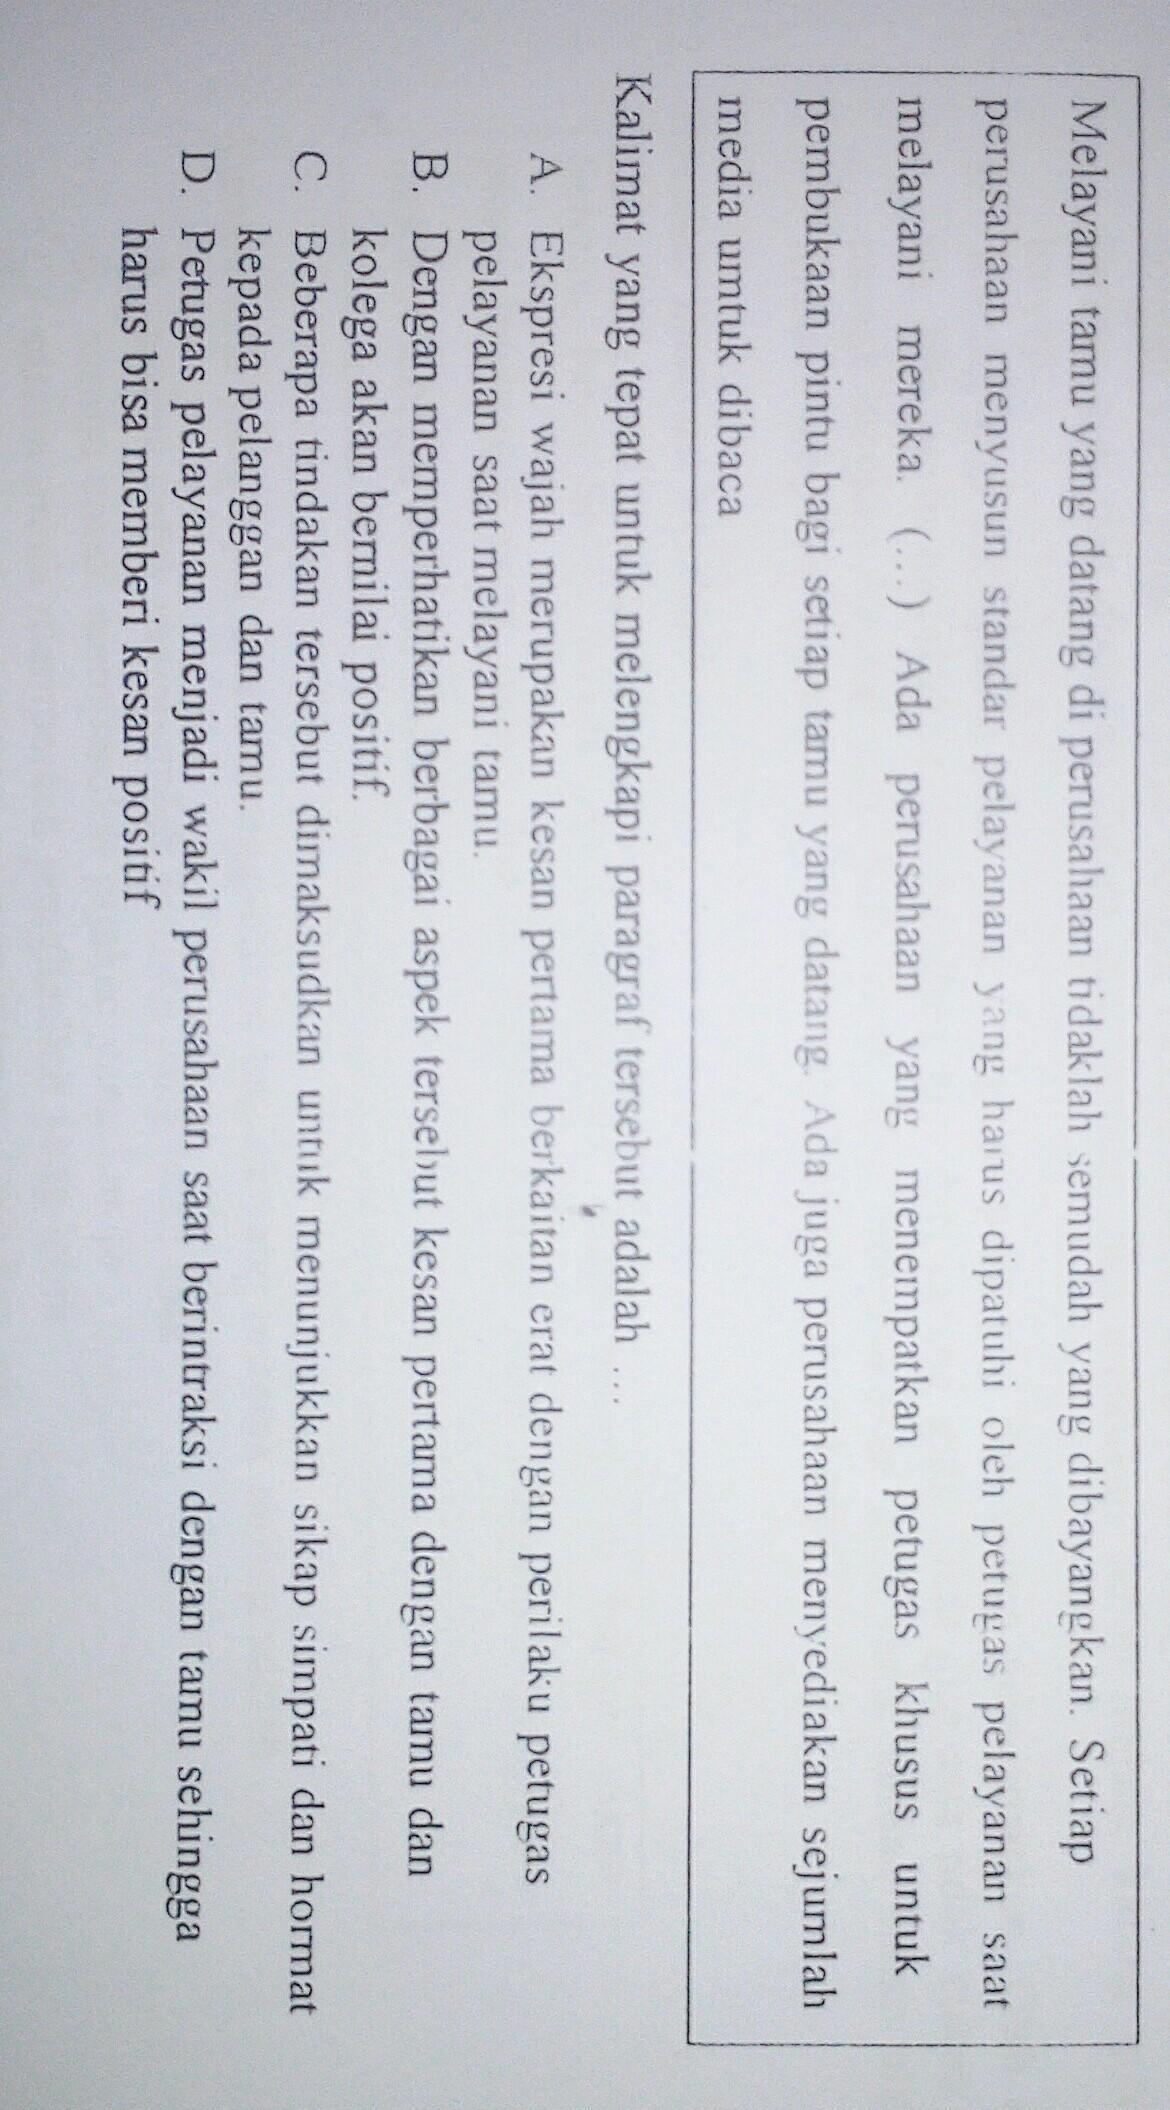 Melengkapi Paragraf Dengan Kalimat : melengkapi, paragraf, dengan, kalimat, Kalimat, Tepat, Untuk, Melengkapi, Paragraf, Tersebut, Adalah..., Brainly.co.id